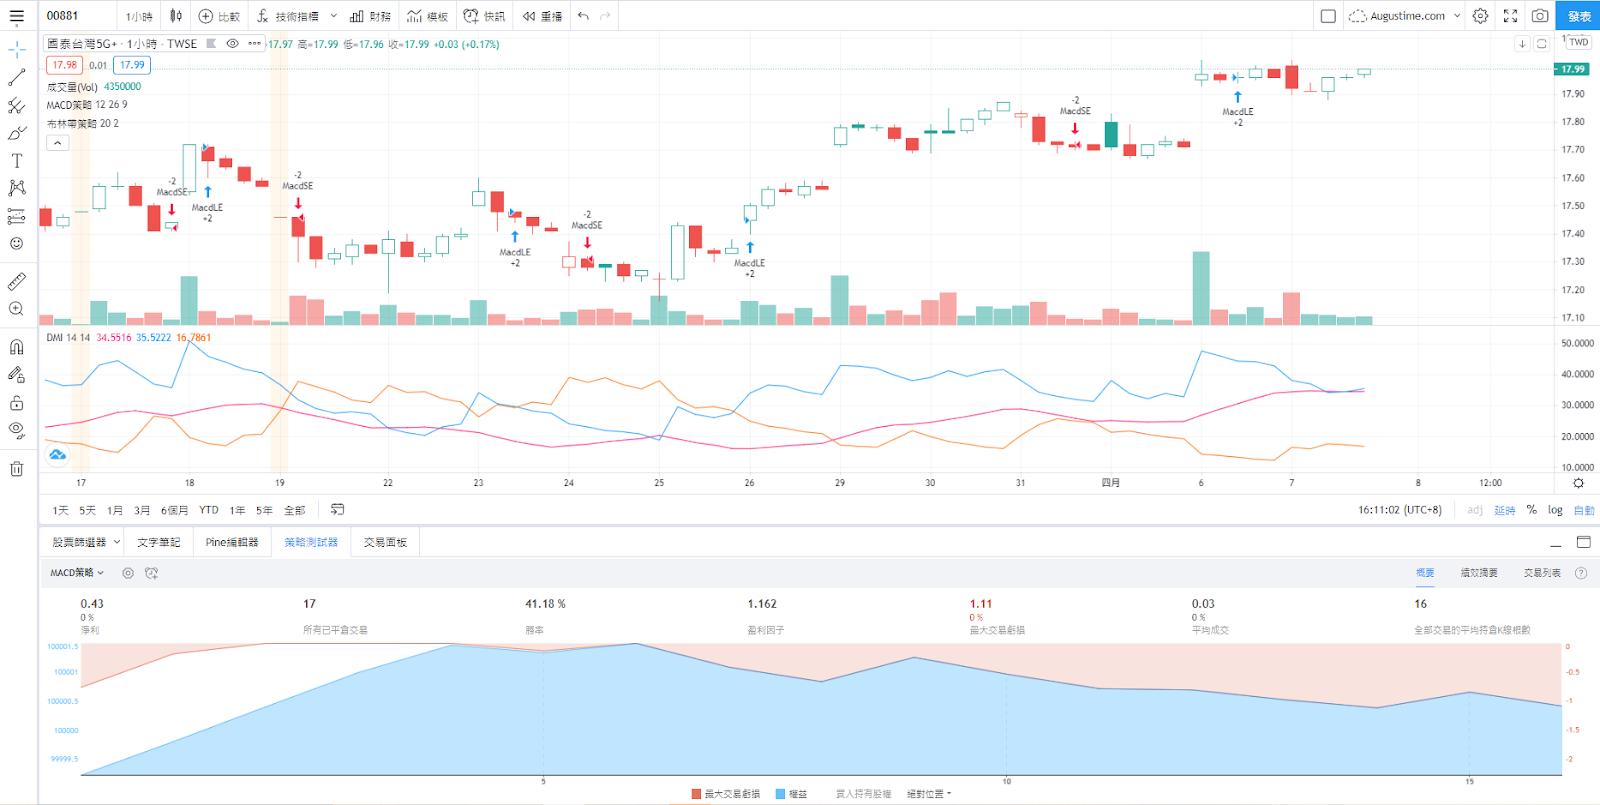 國泰00881股價走勢圖與K線圖